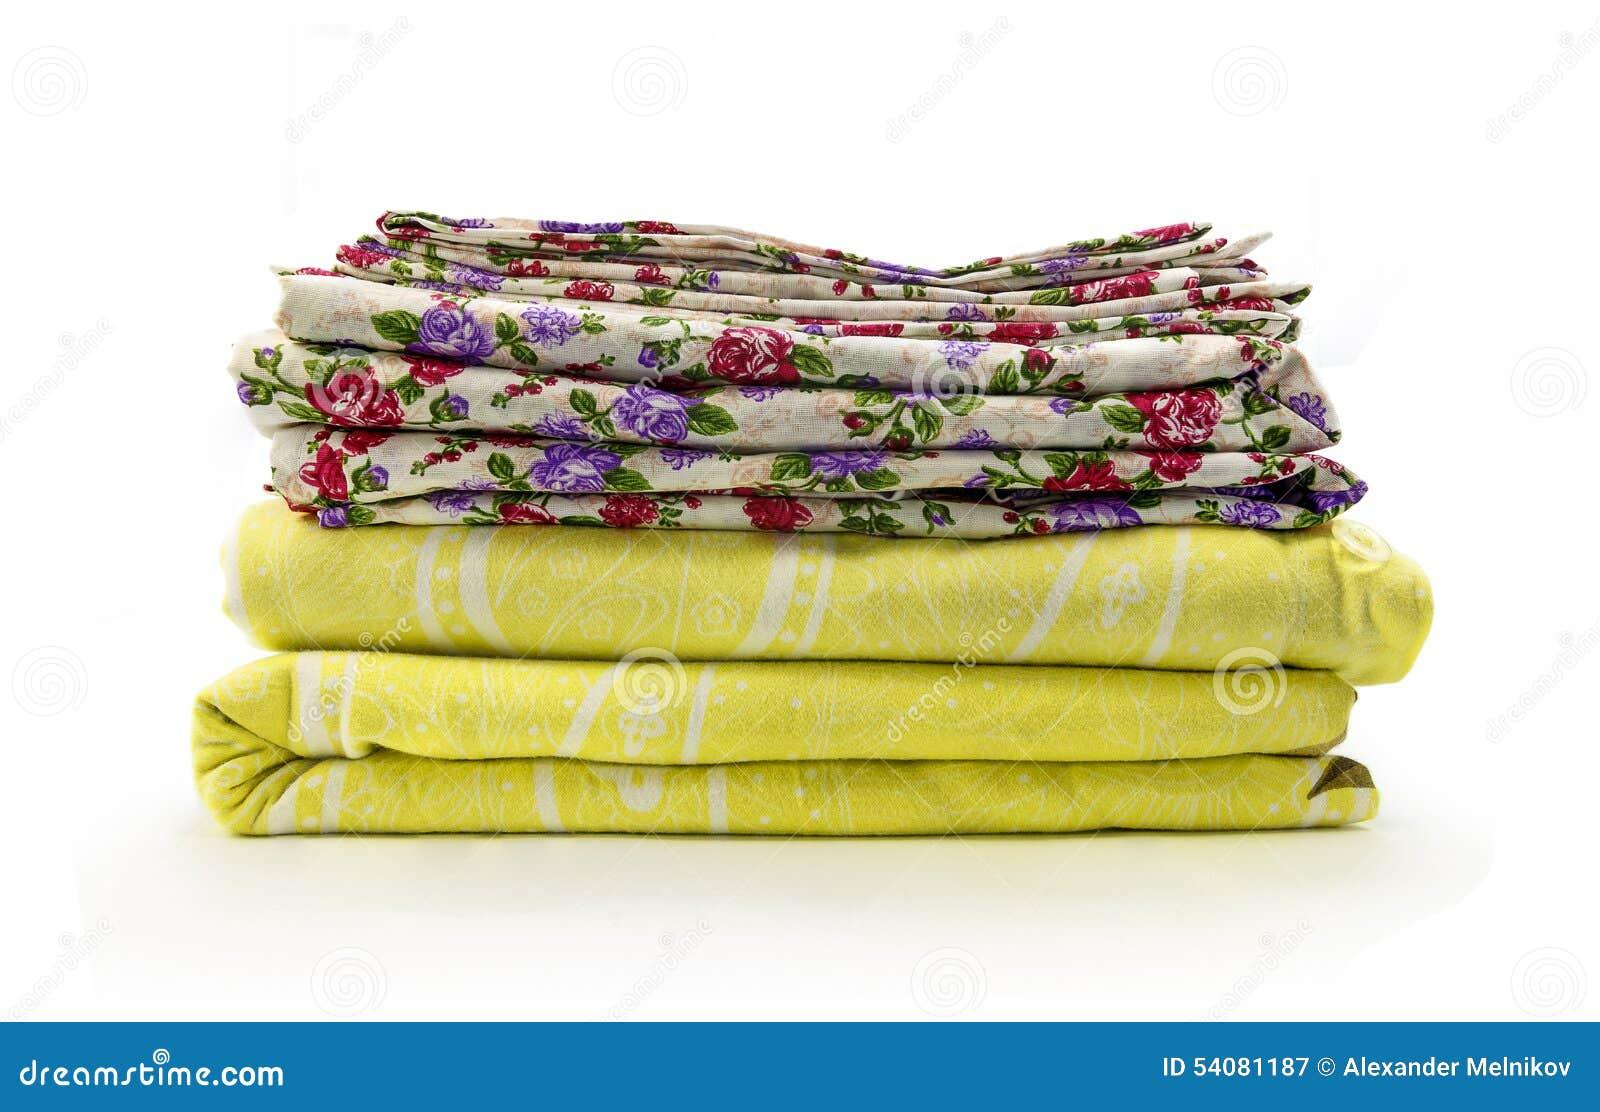 Stapel van linnen op een witte achtergrond